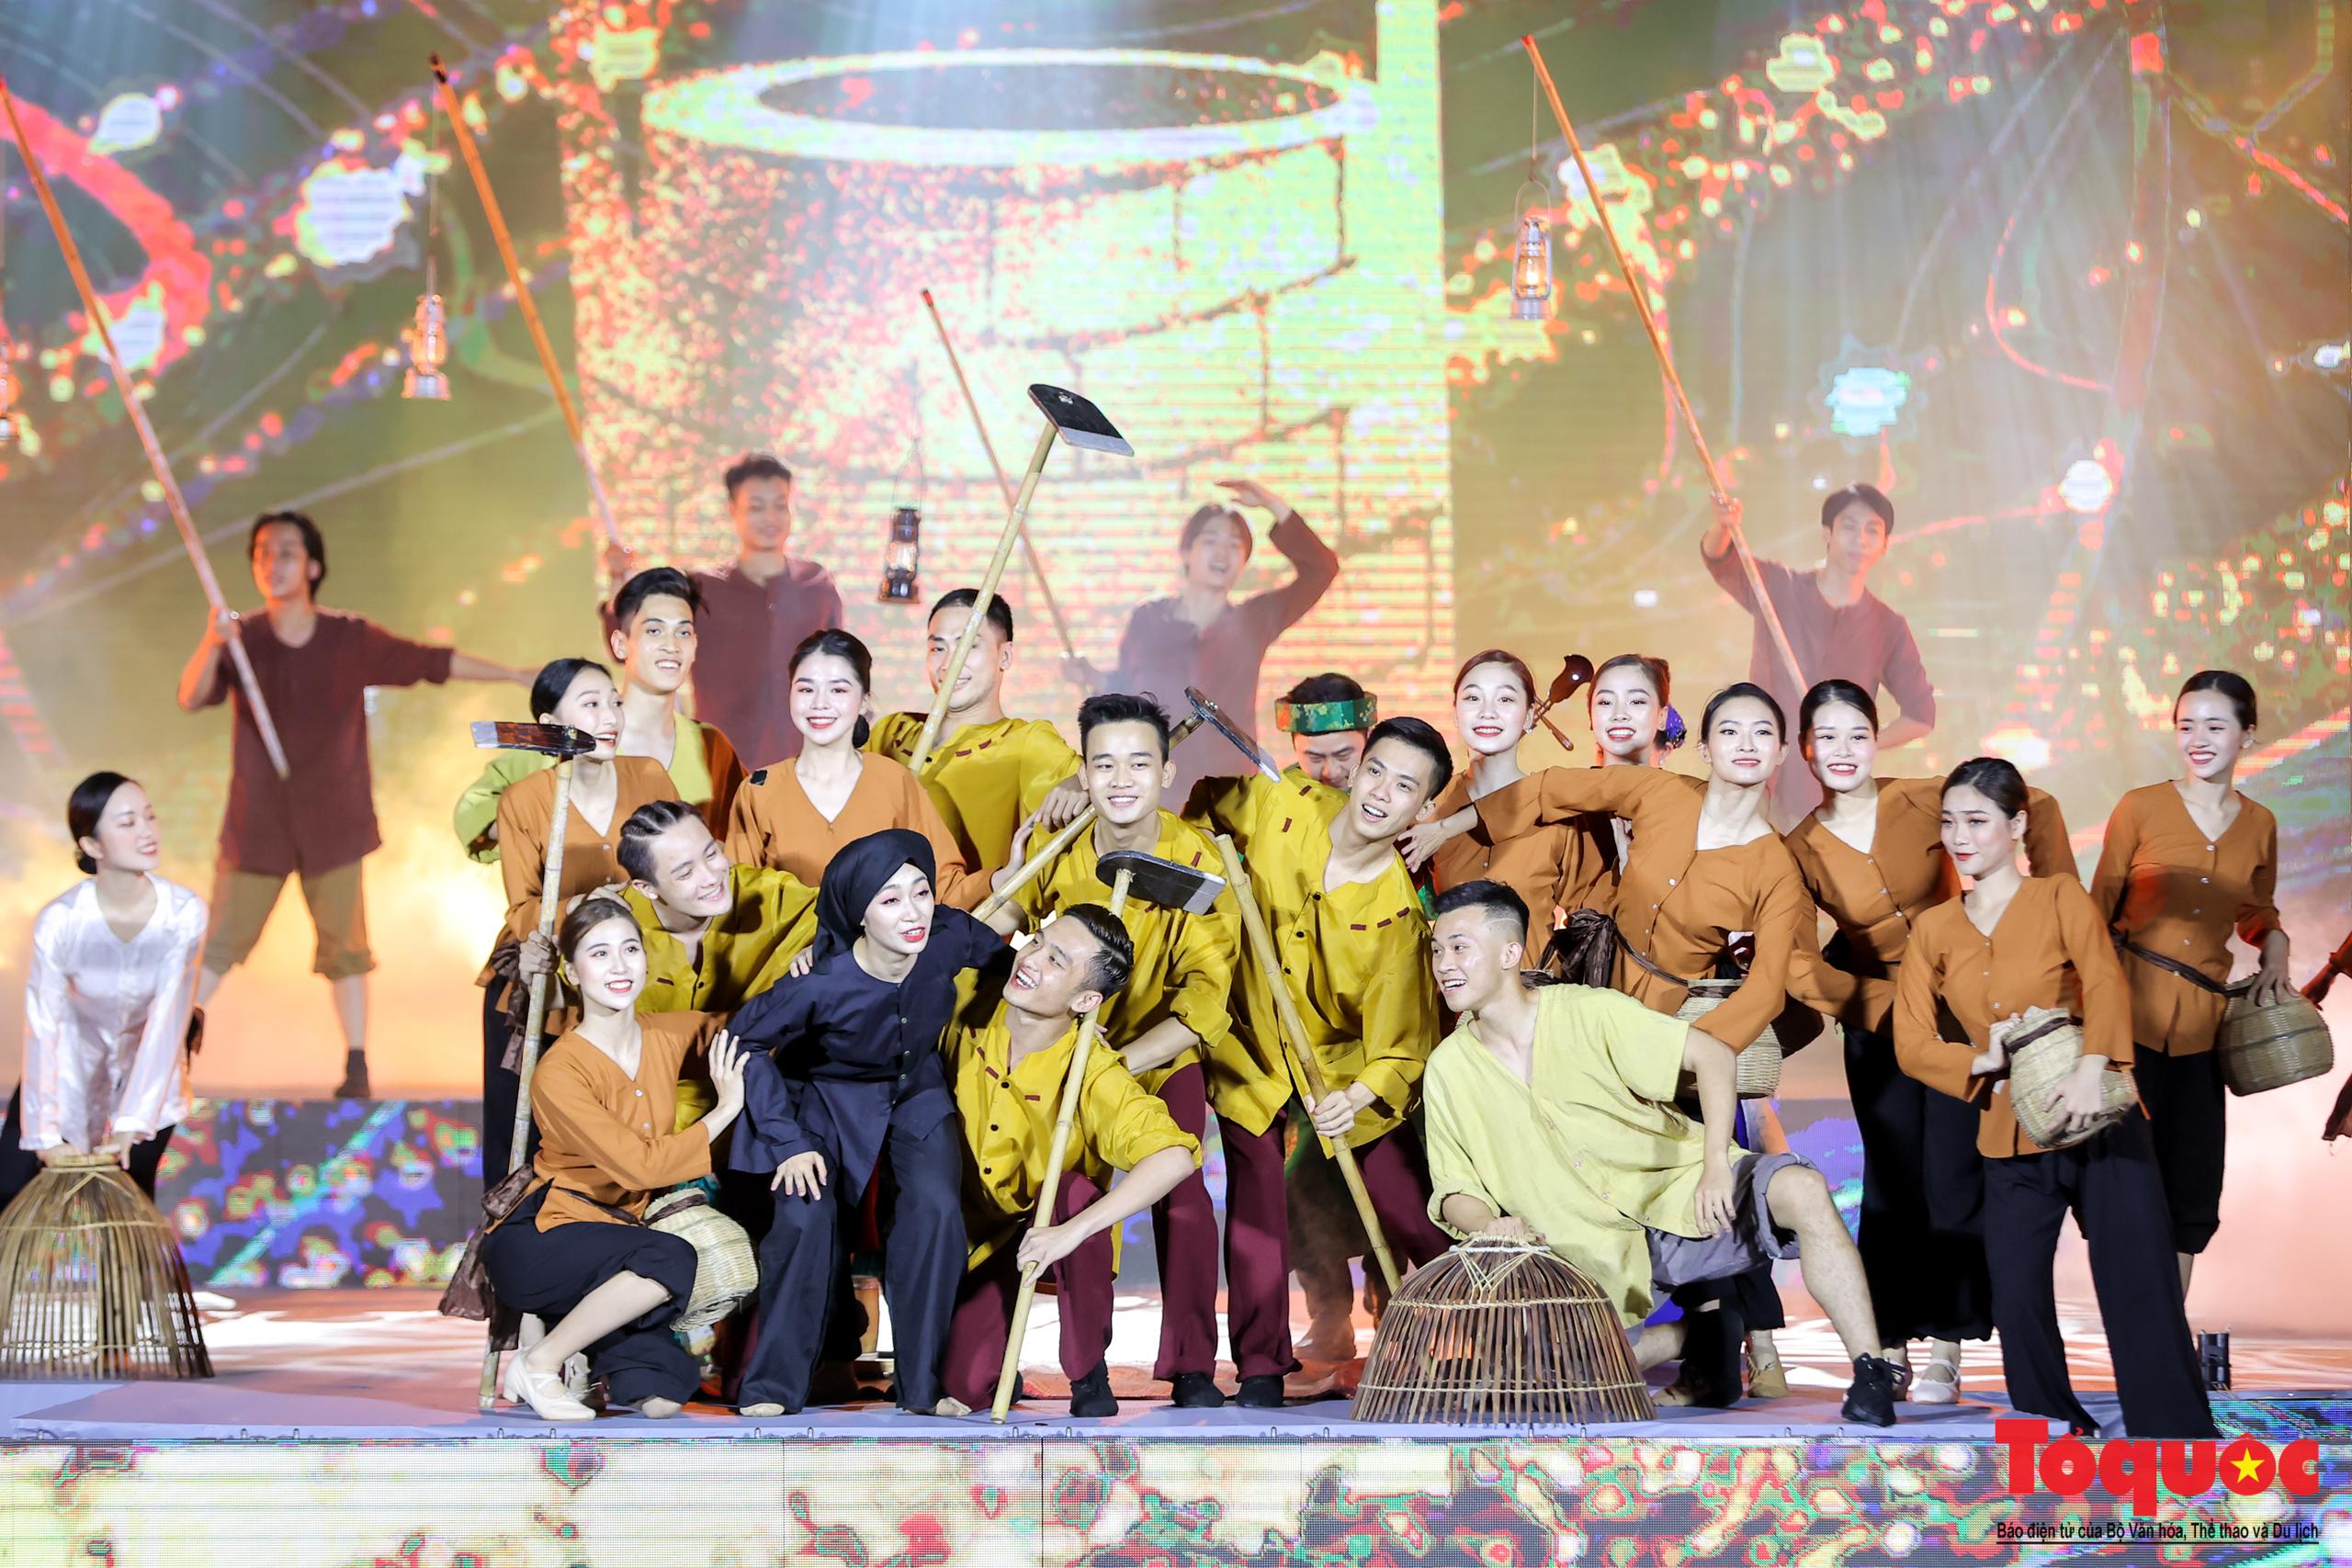 """(Chùm ảnh) Chương trình nghệ thuật đặc sắc """"Văn hoá các dân tộc – Hội tụ và phát triển"""" chào mừng Ngày Văn hoá các dân tộc Việt Nam 2021 - Ảnh 9."""